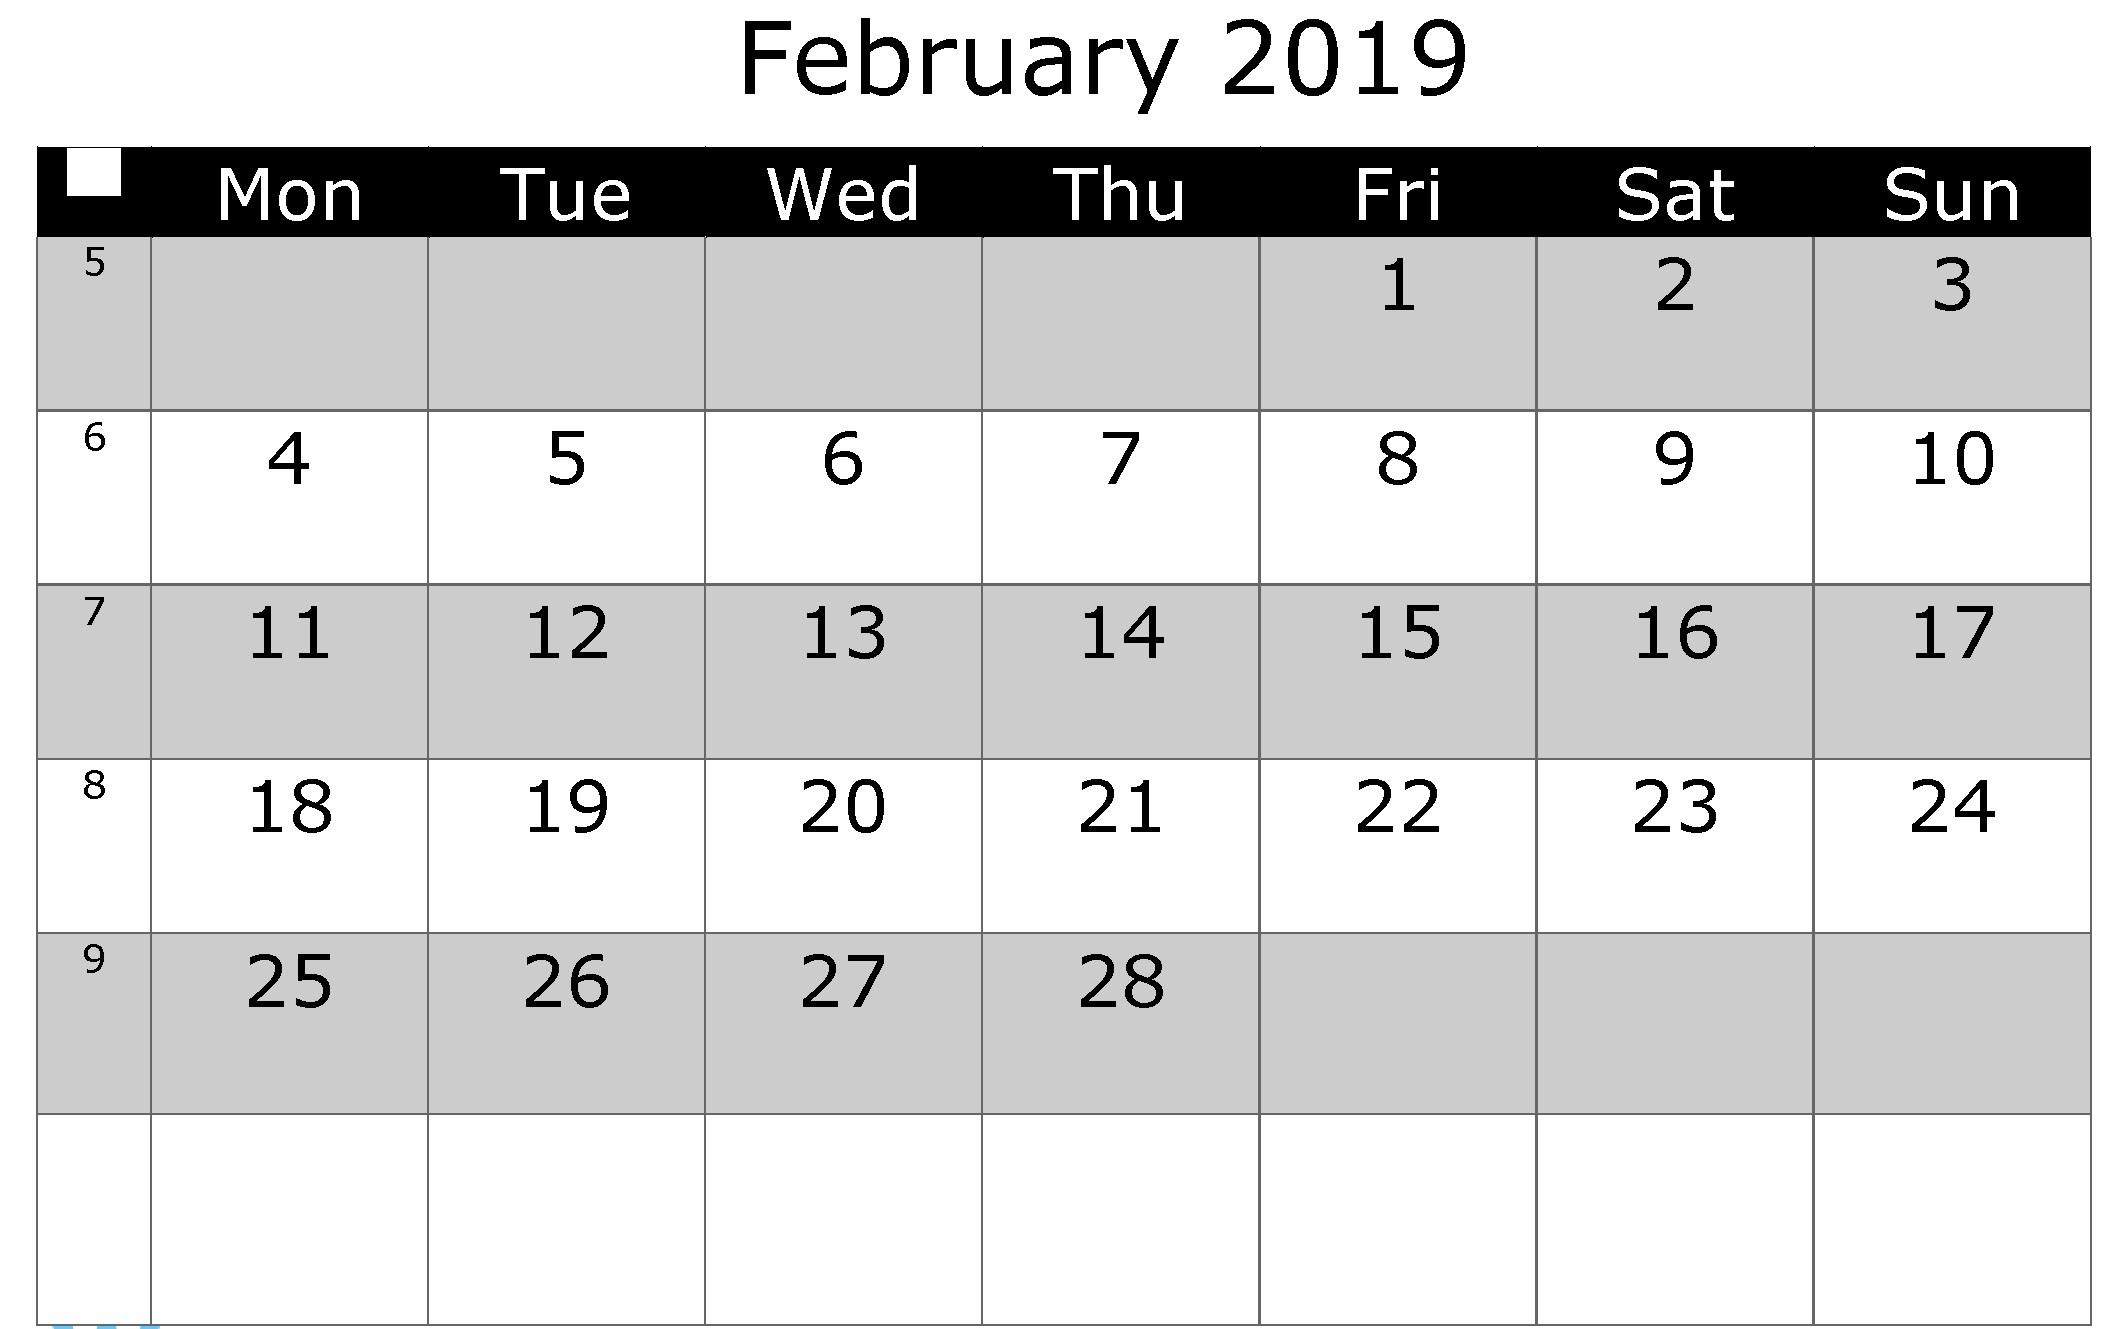 Calendario Febrero 2018 Pdf Más Reciente February 2019 Printable Calendar Pdf Of Calendario Febrero 2018 Pdf Más Reciente eventos